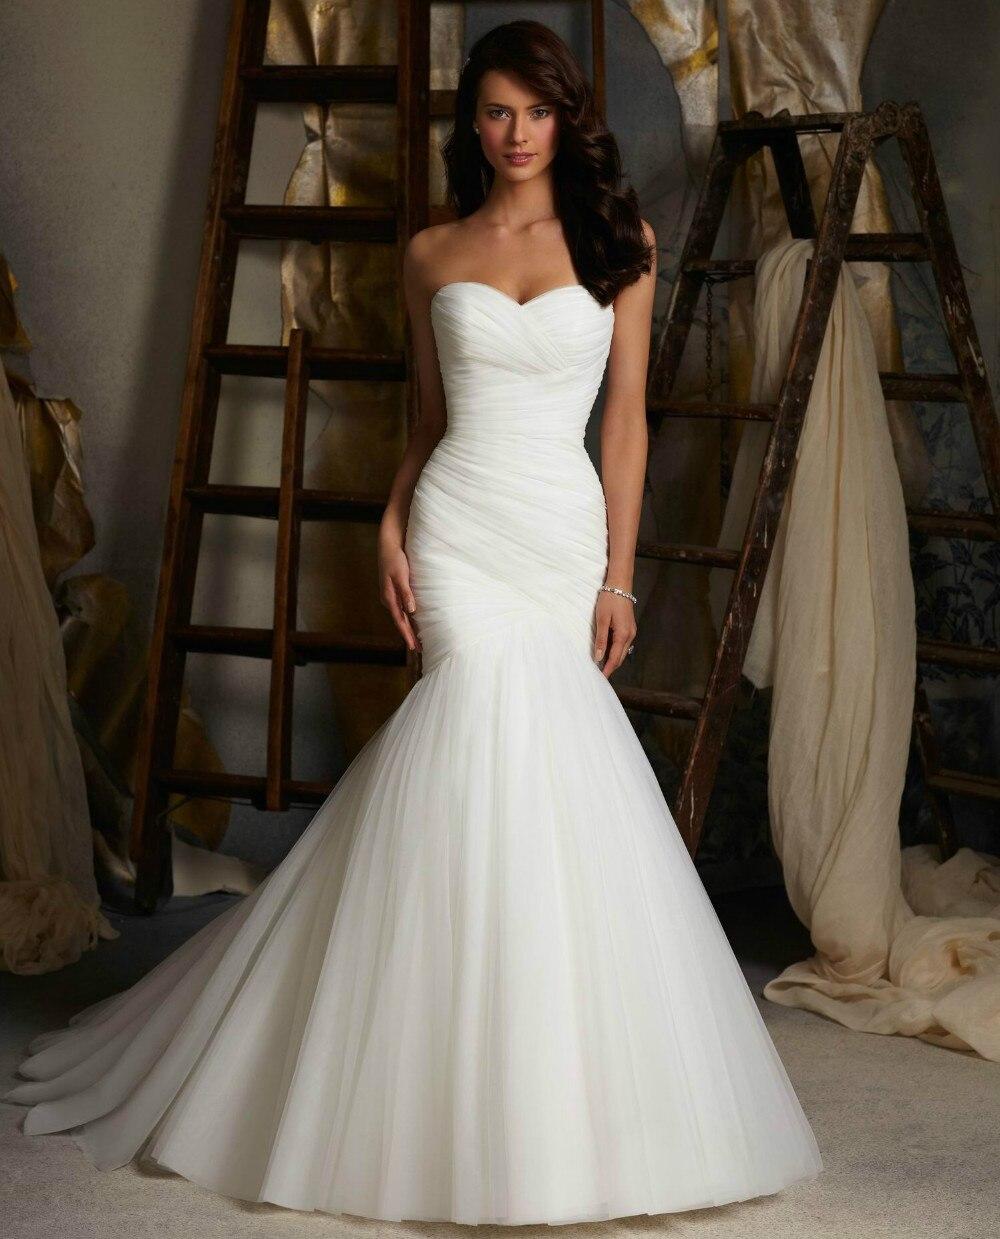 ivory and black lace wedding dress ivory wedding dresses ivory and black lace wedding dress JfSQ